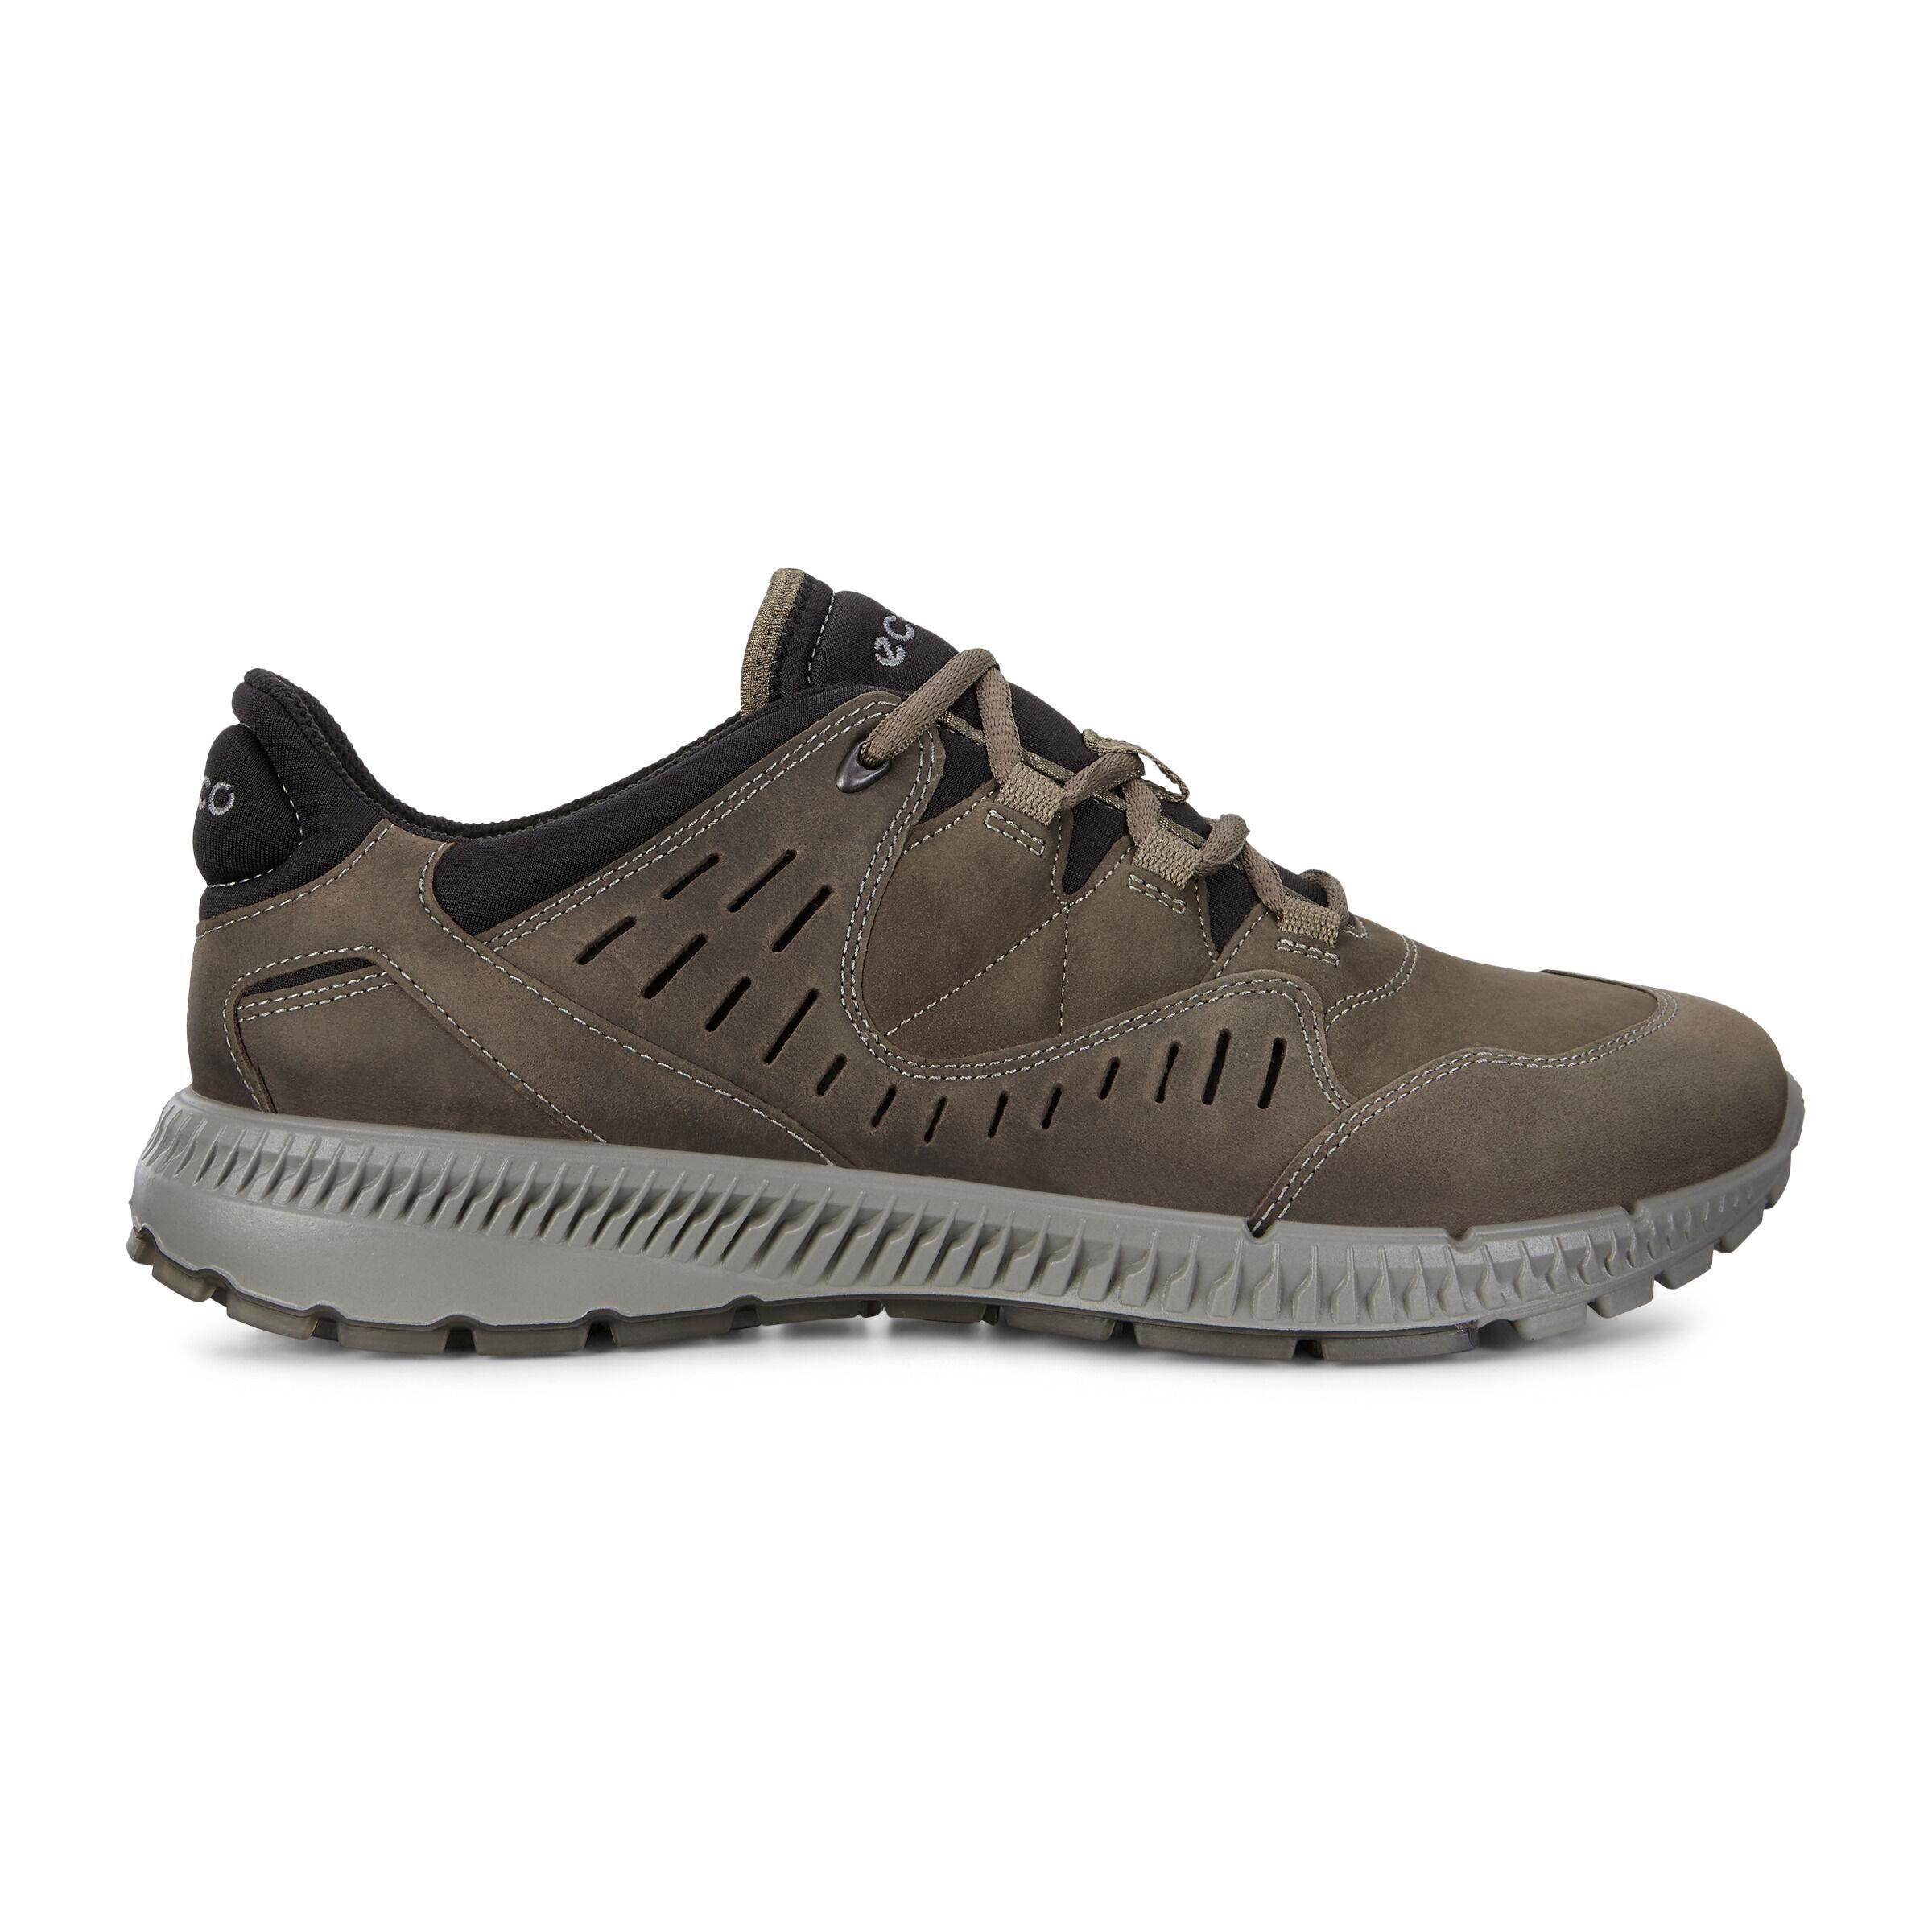 ECCO Men's Terrawalk | Running BIOM Shoes | ECCO® Shoes